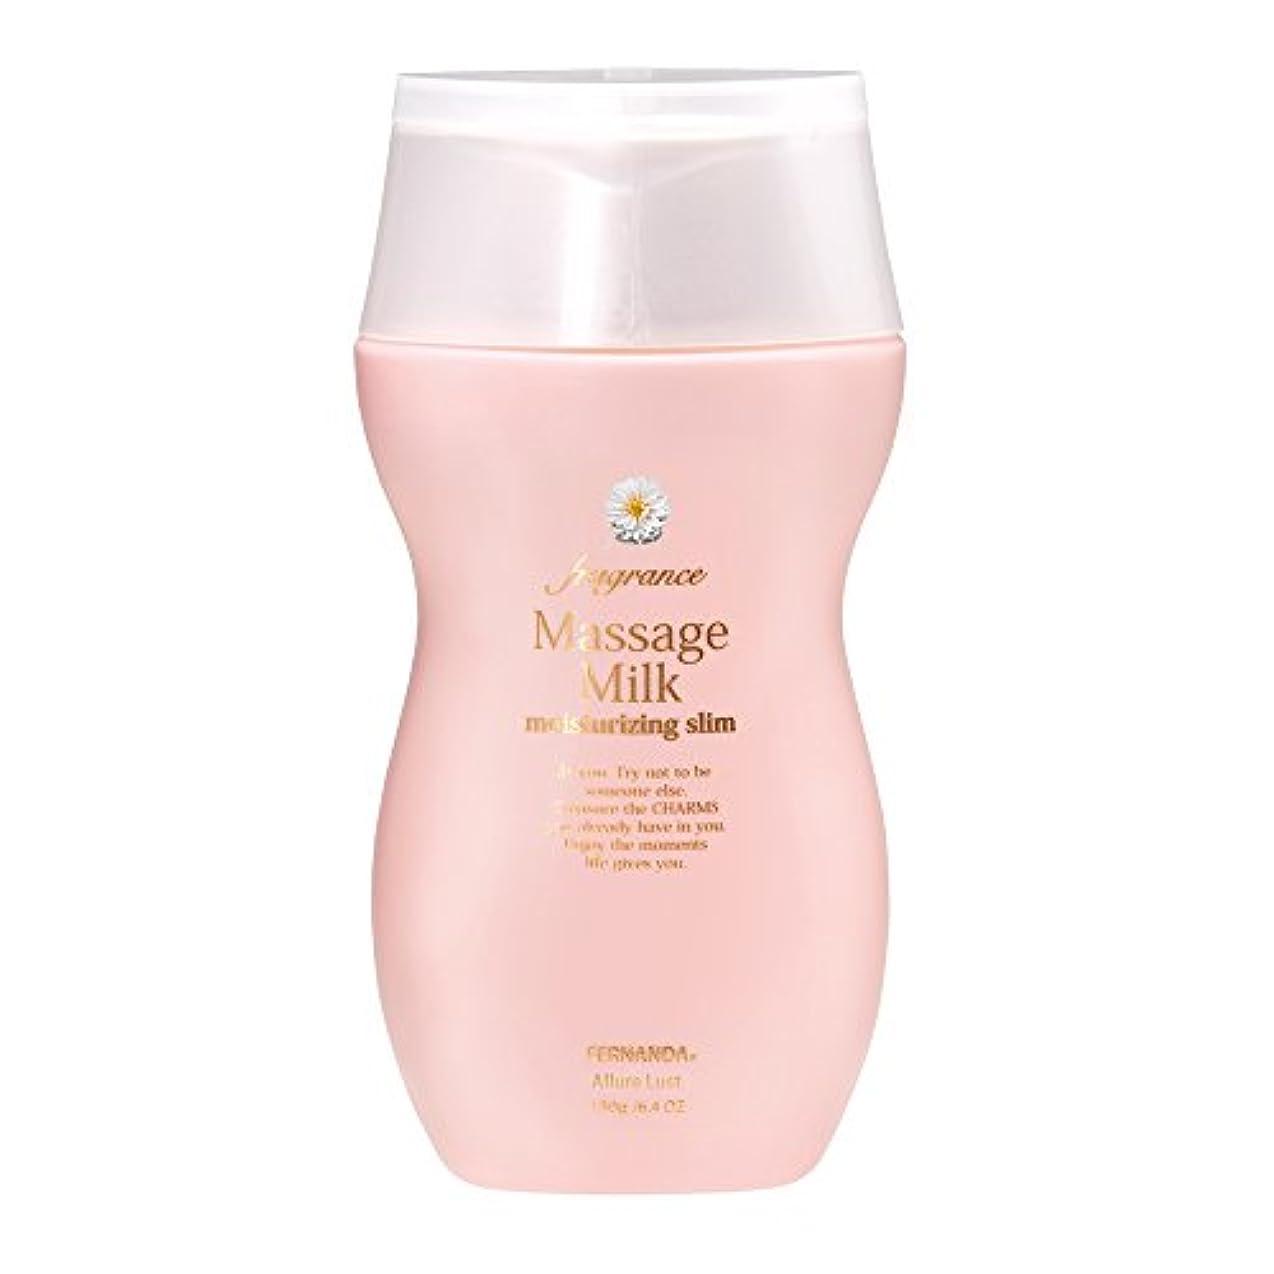 従順な切手ポンドFERNANDA(フェルナンダ) Massage Milk Allure Lust(マッサージミルク アルアーラスト)